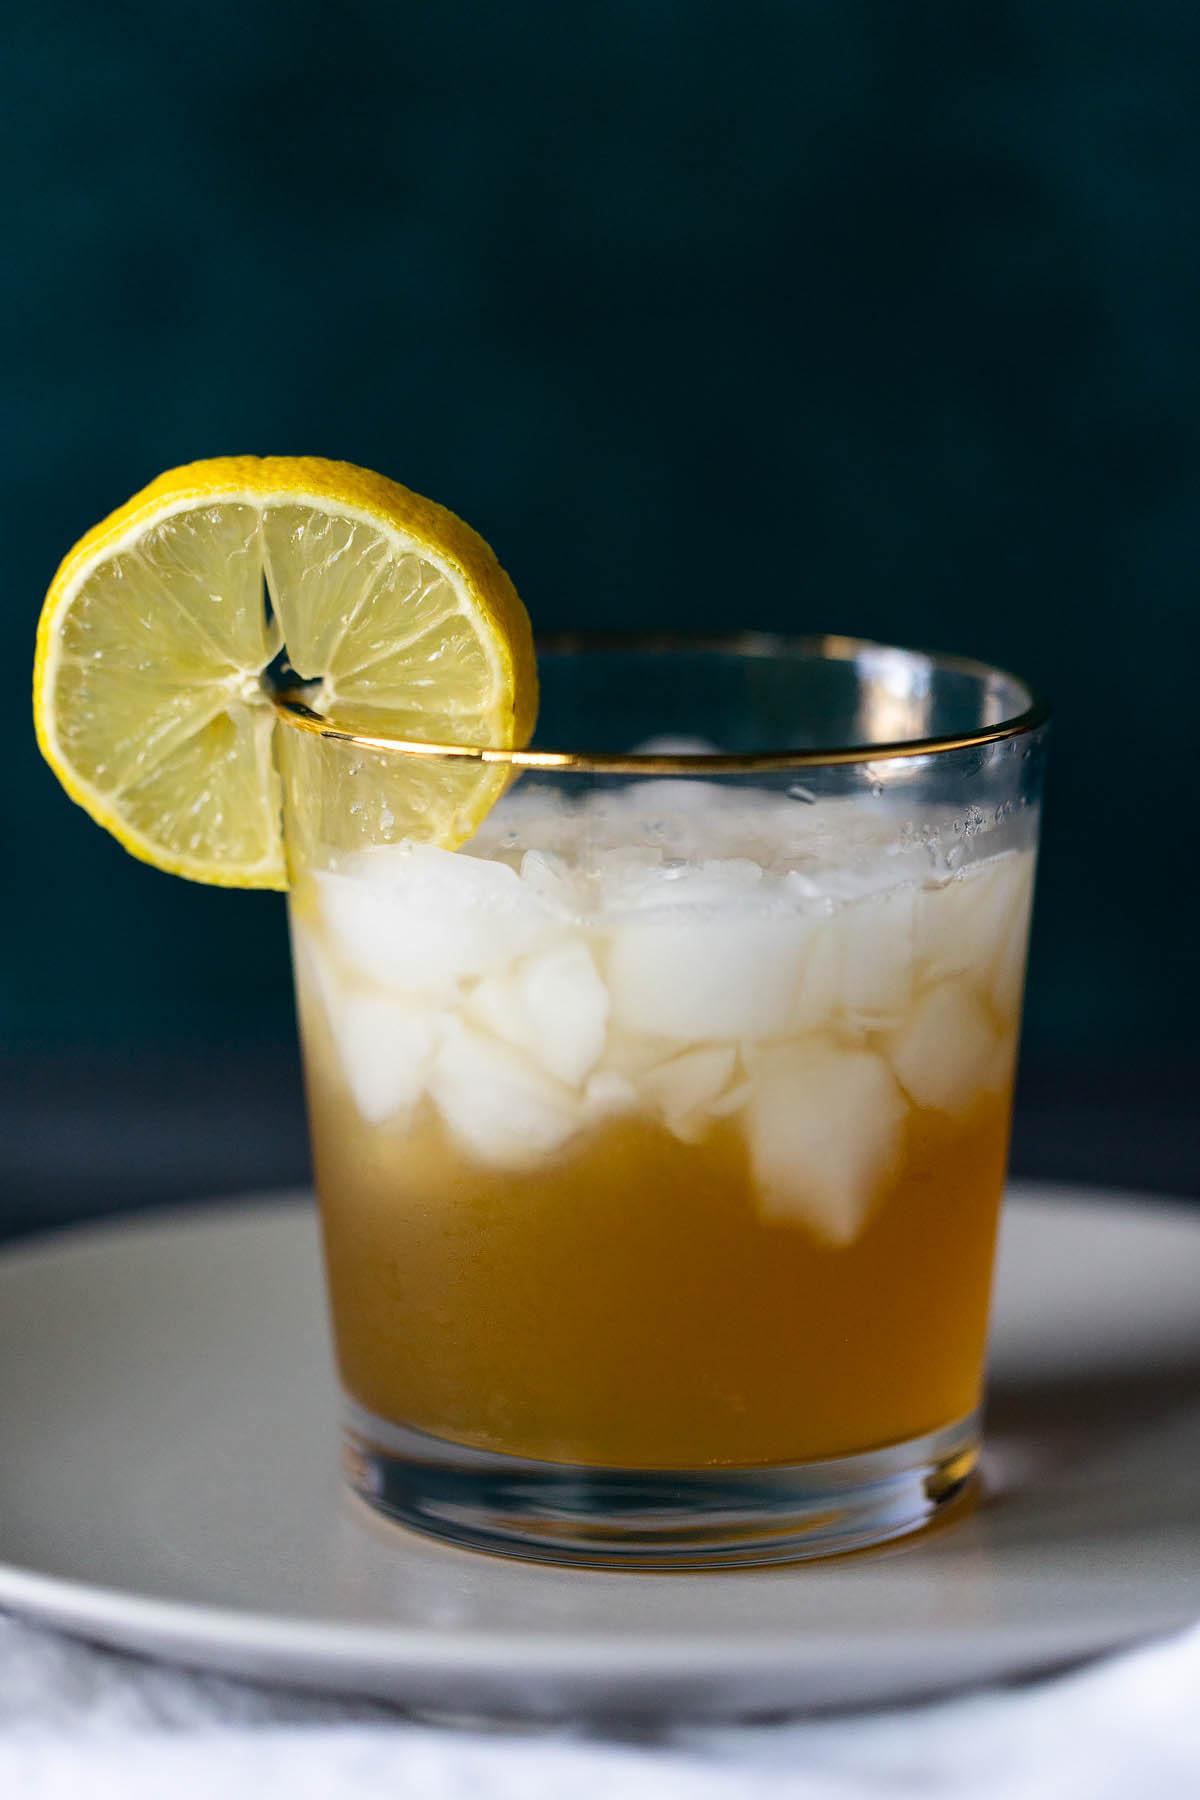 virgin bees knees cocktail